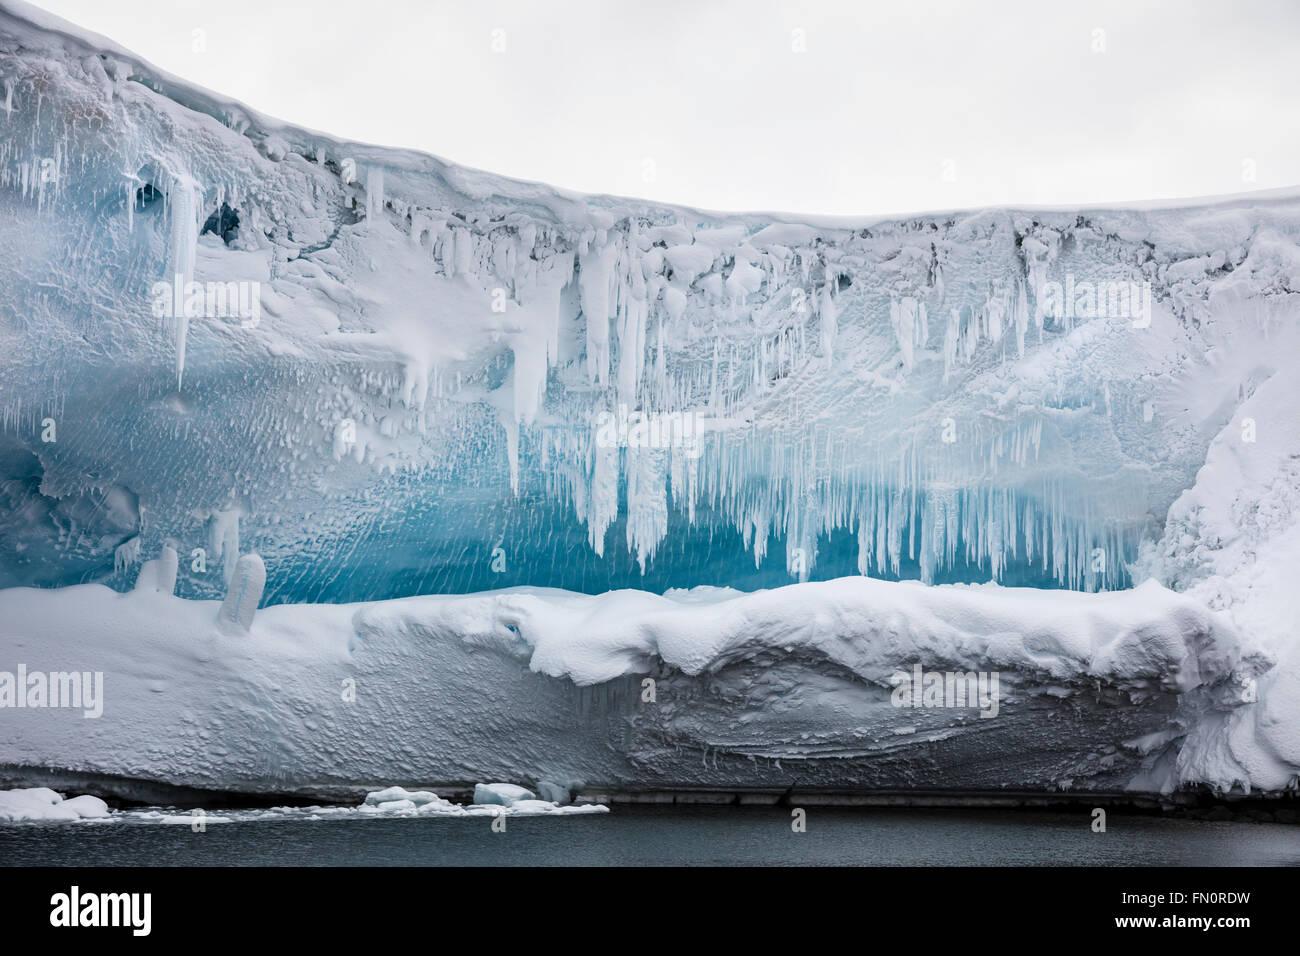 L'Antartide, penisola antartica, isole di pesce, ghiaccioli sulla sporgenza del ghiaccio o grotta Immagini Stock